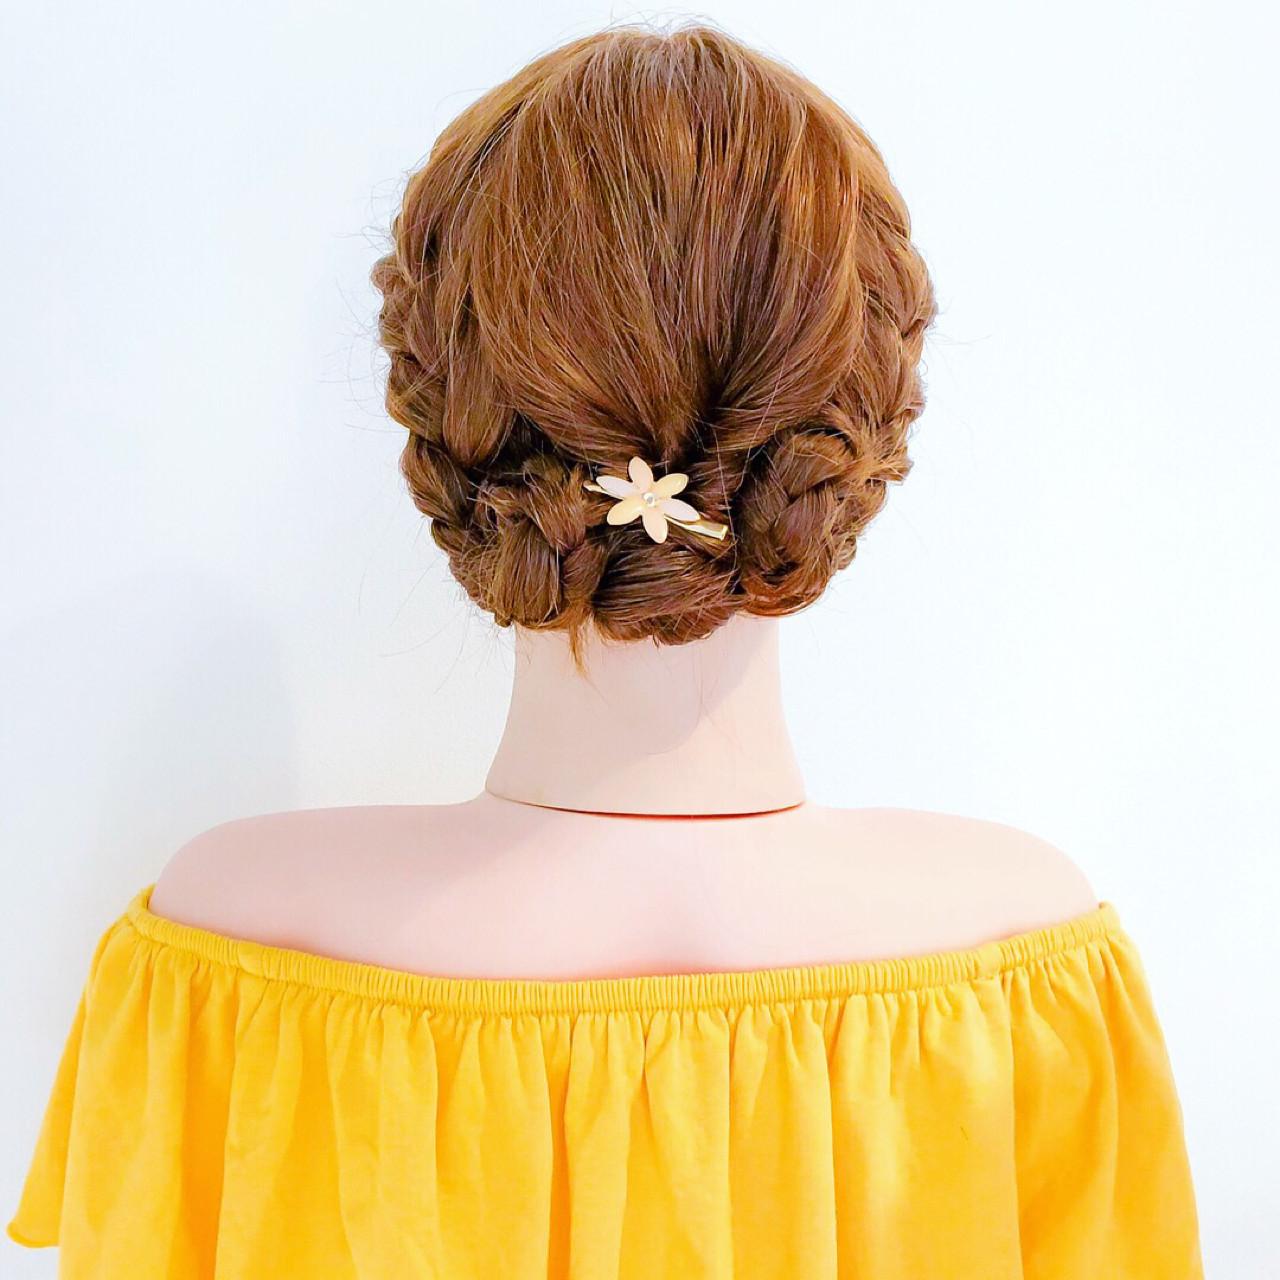 ロングヘアをきっちり編み込むスタイル 美容師 HIRO